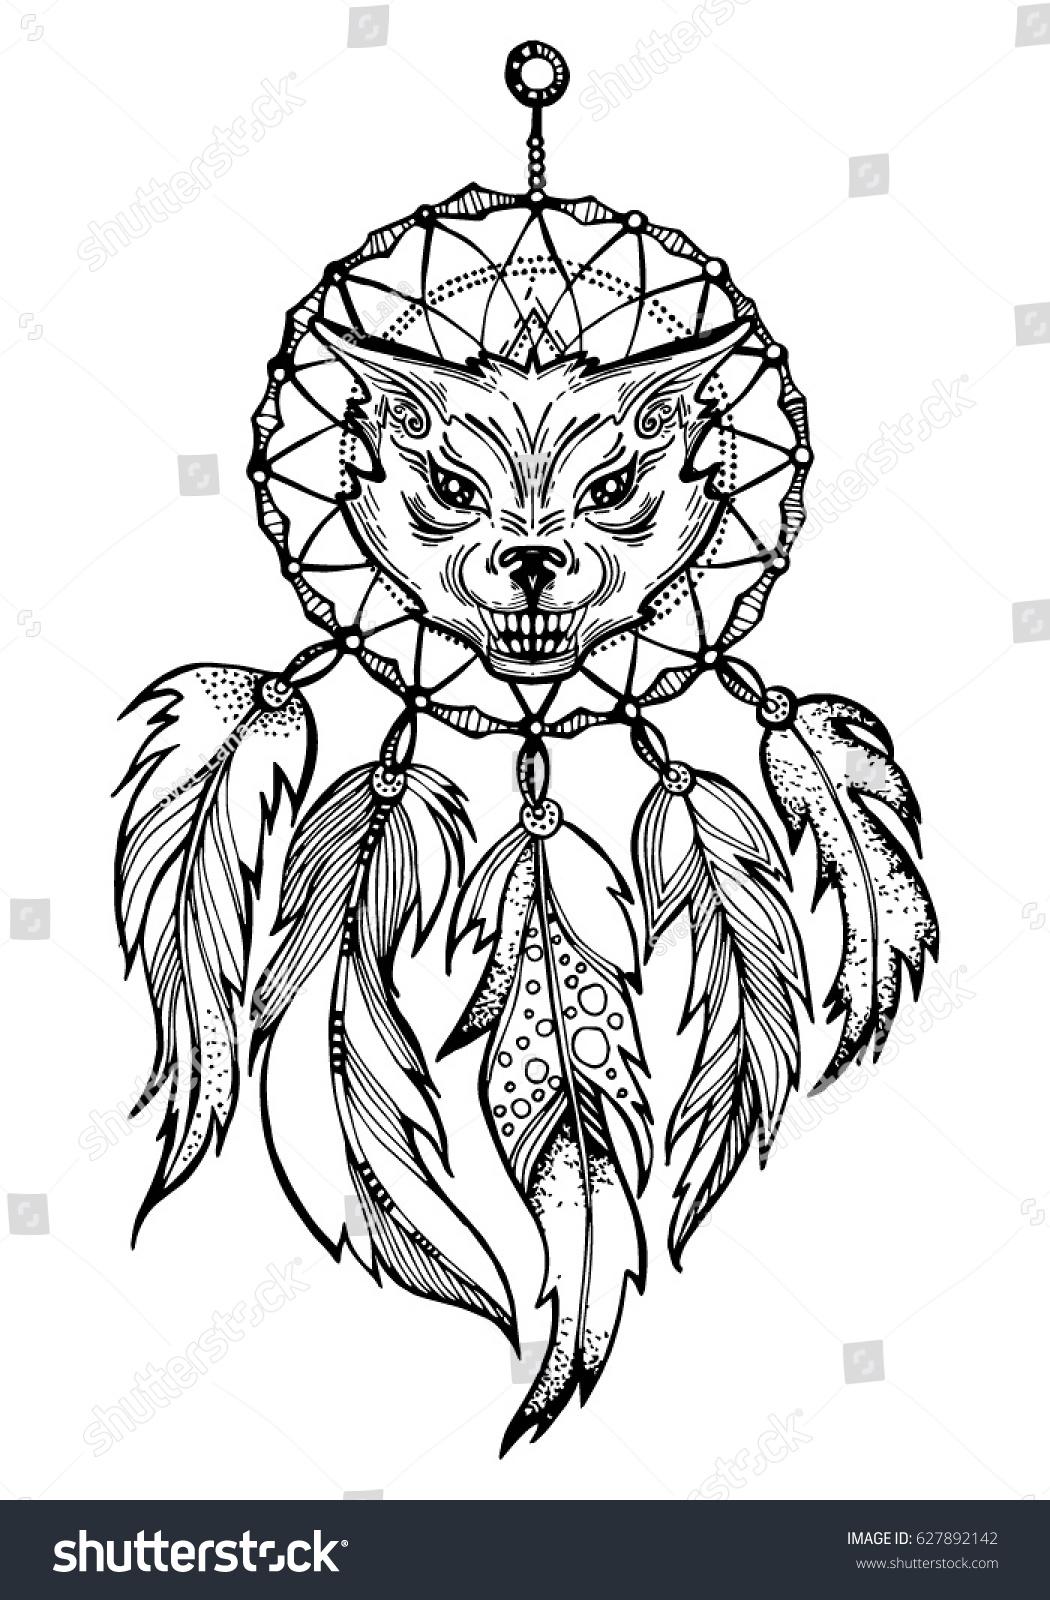 wild wolf symbol